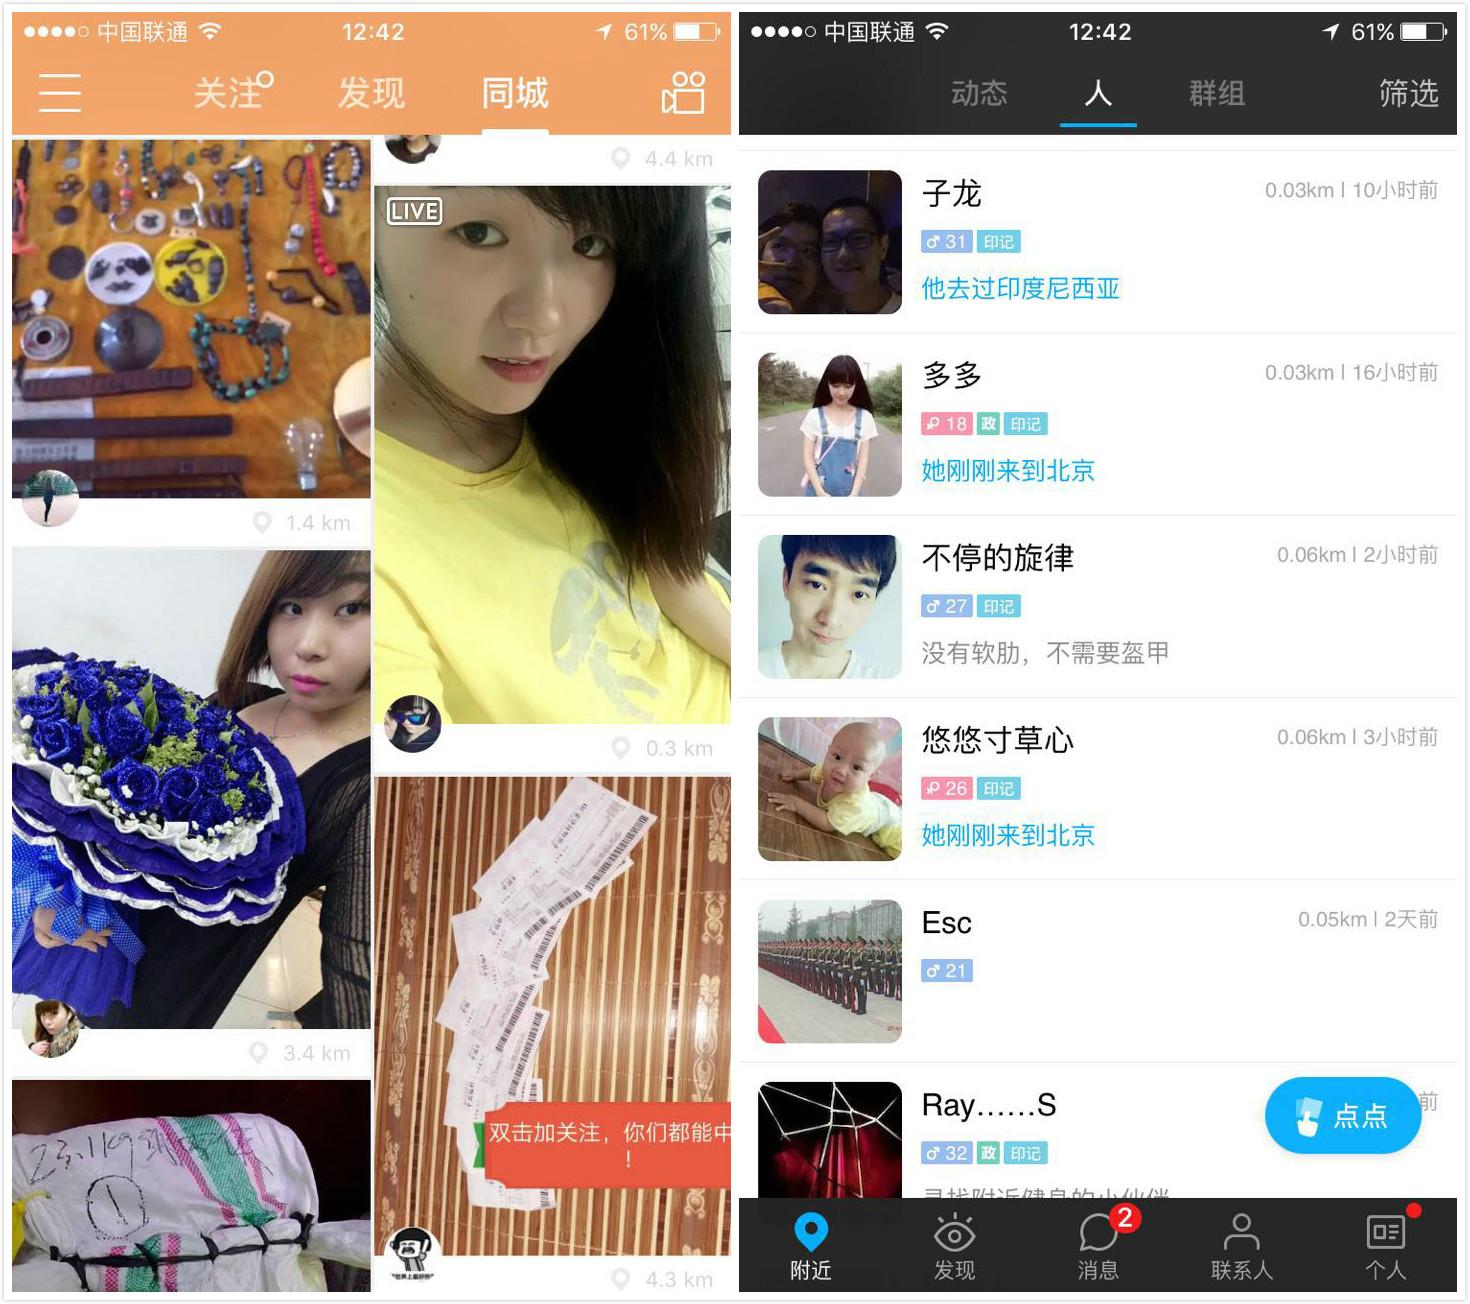 行榜第四名的 快手 ,本来有望成为中国乡村版YouTube